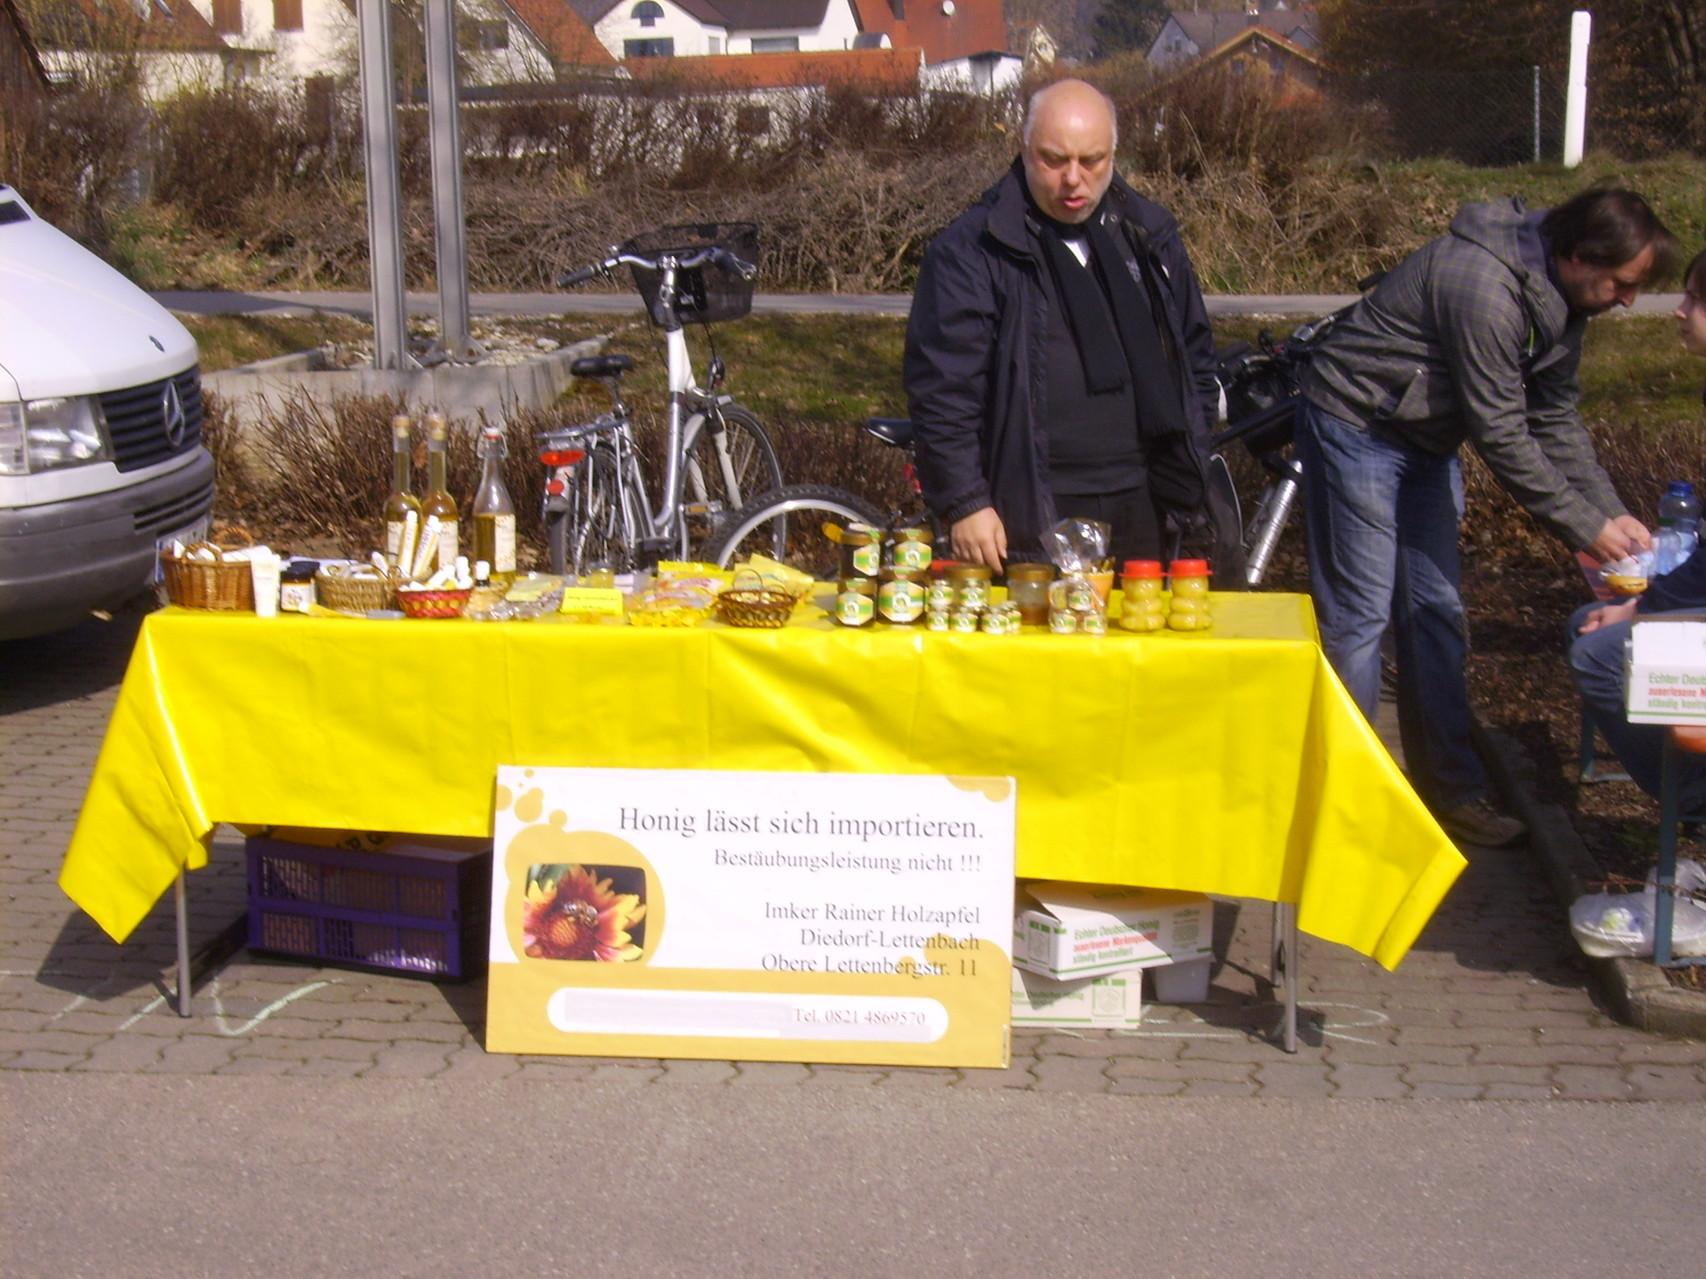 Honig aus Lettenbach vom Imker Holzapfel und Jungimker Sturm aus Horgau - Warum in die Ferne schweifen....?